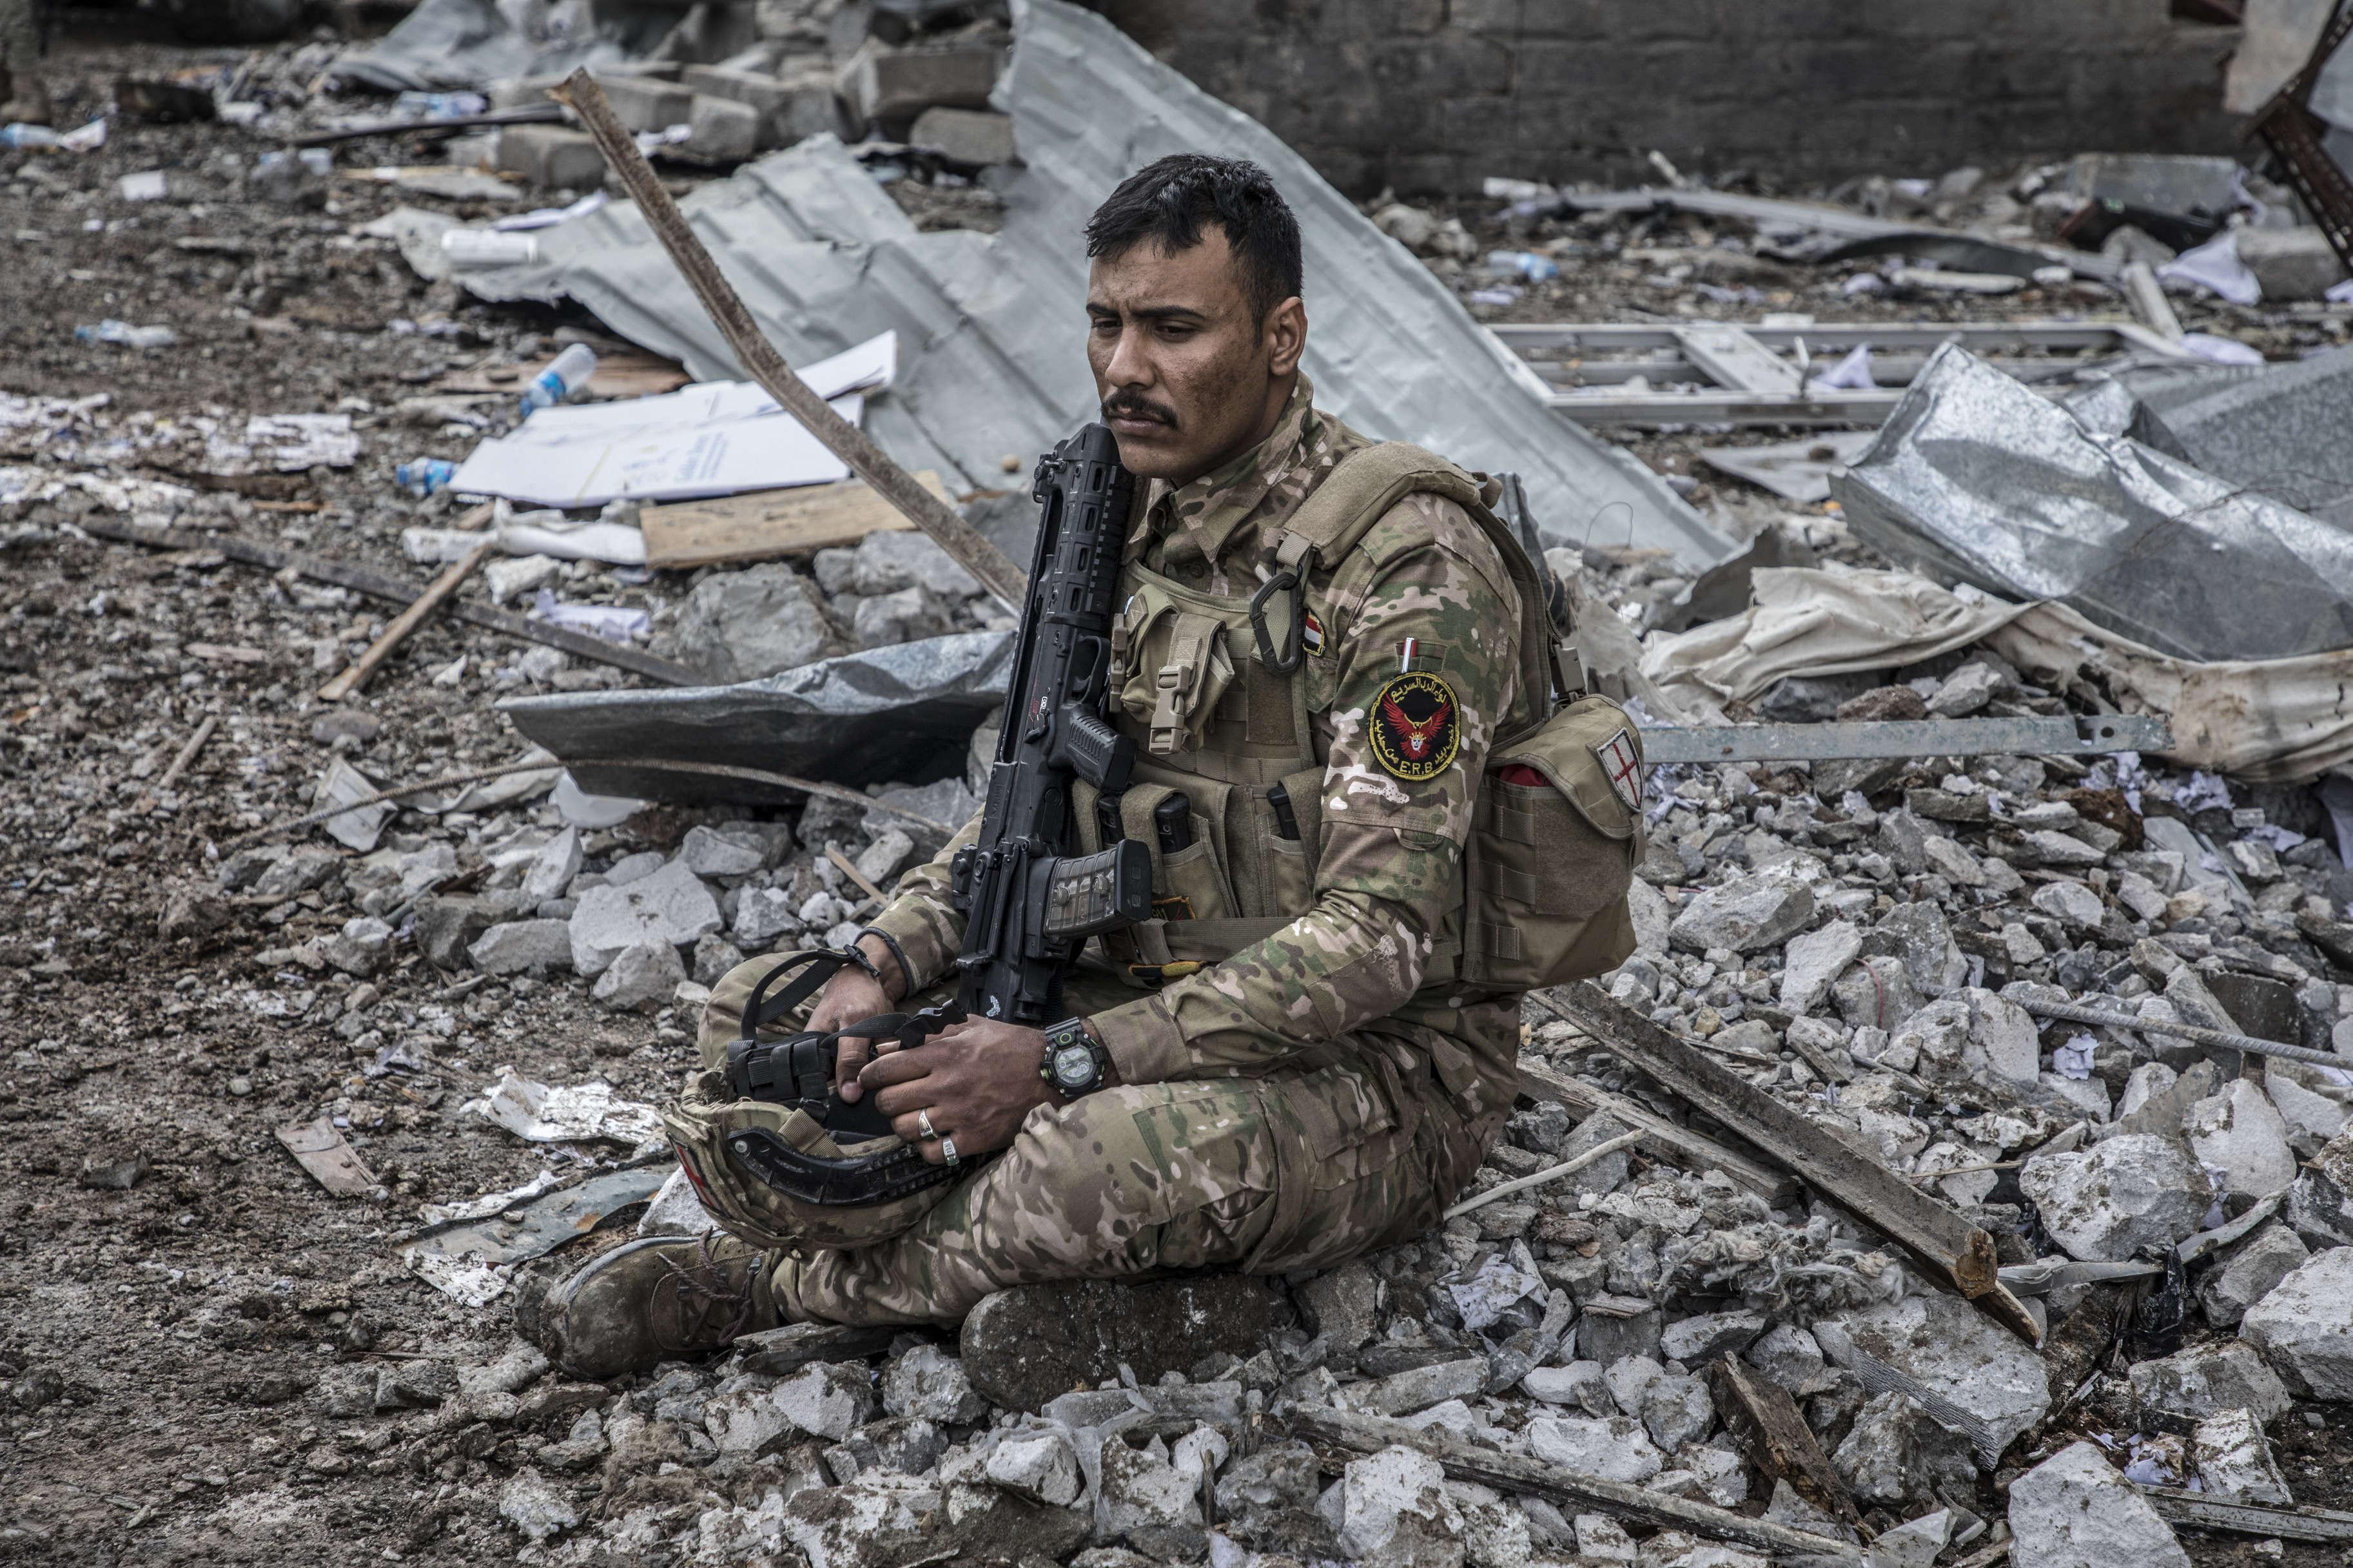 Quatre hommes ont été tués et douze autres blessés parmi les membres de la police fédérale et la division de réaction d'urgence après l'explosion d'une voiture suicide de l'Etat Islamique .